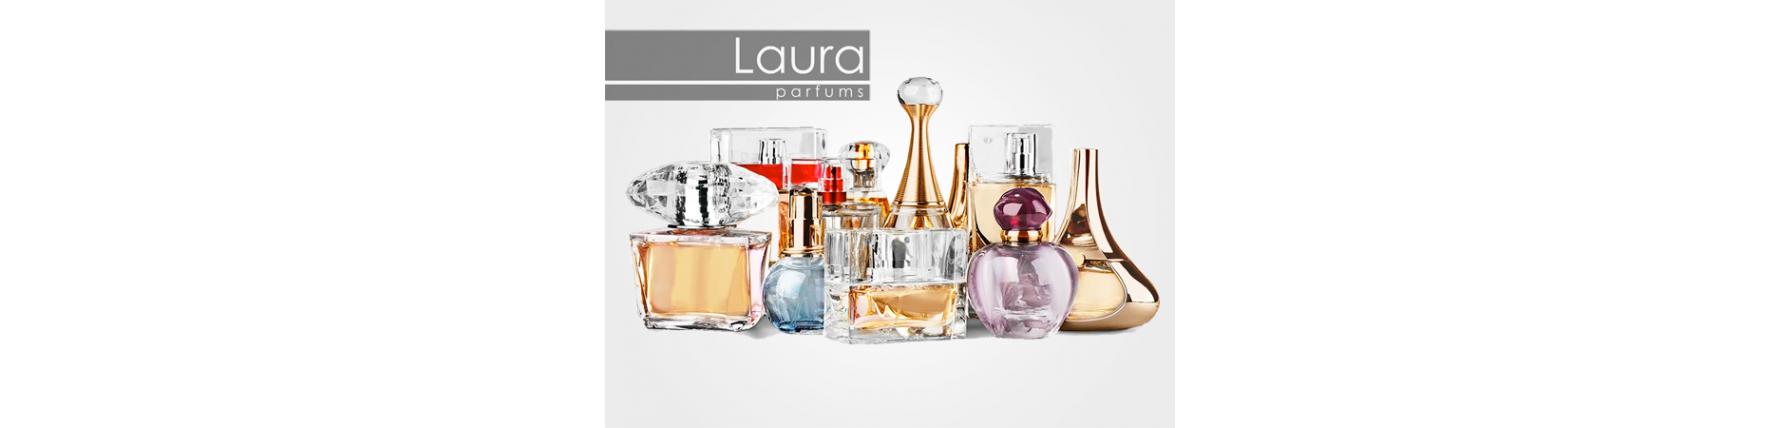 Вся парфюмерия